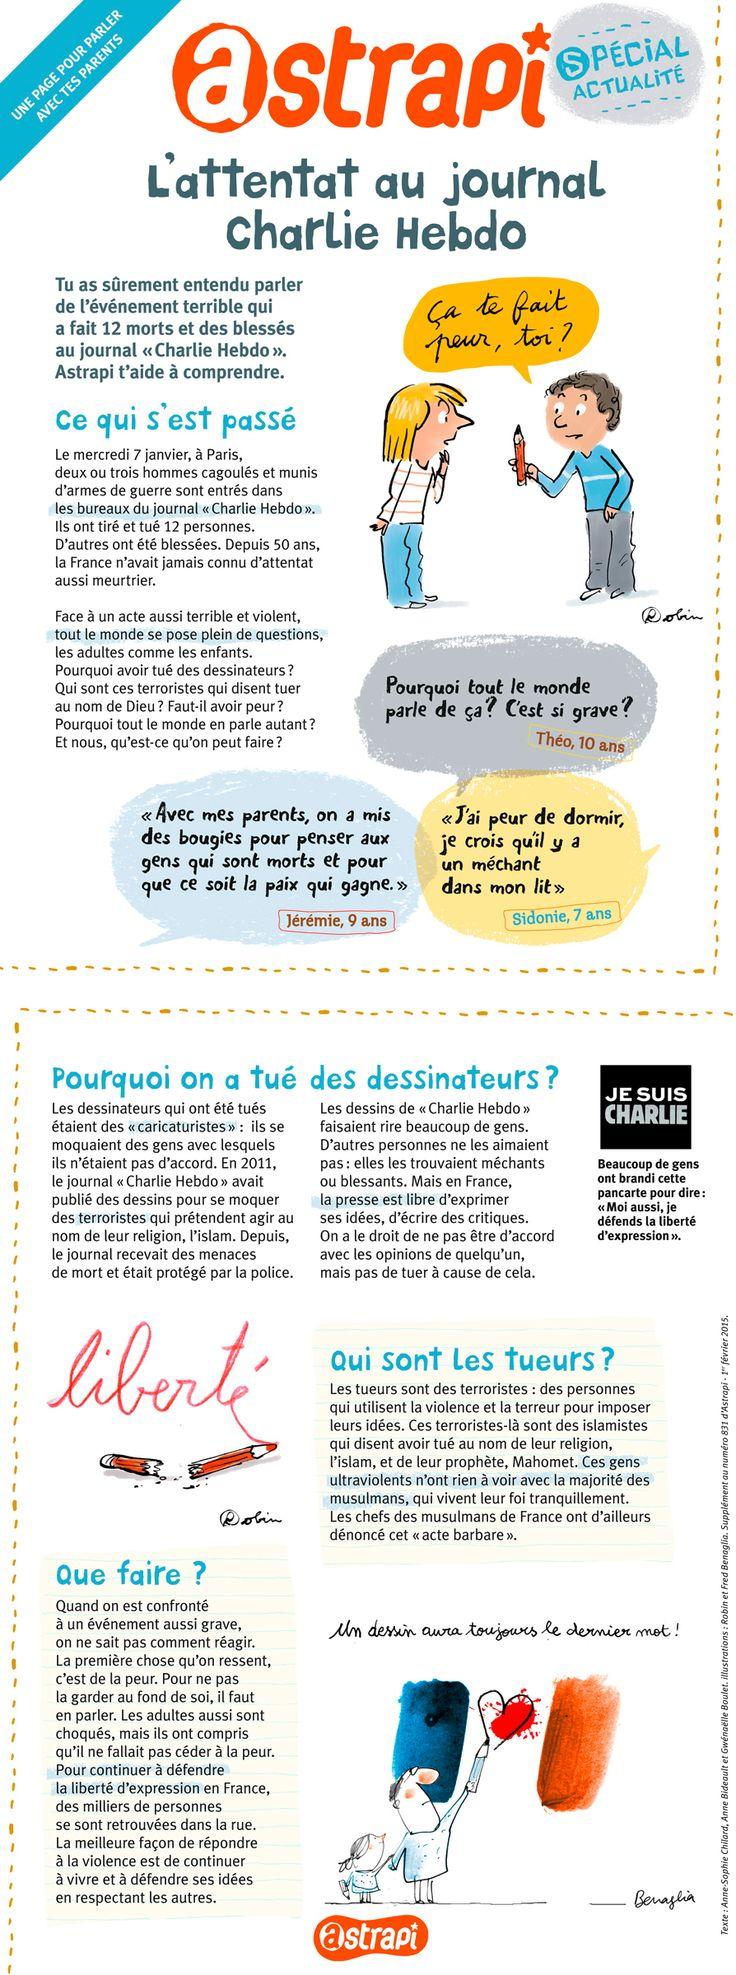 A l'occasion de l'attentat contre Charlie Hebdo le 7 janvier 2015, le magazine Astrapi propose un livret de 2 pages pour aider à parler de cet événement avec les enfants.